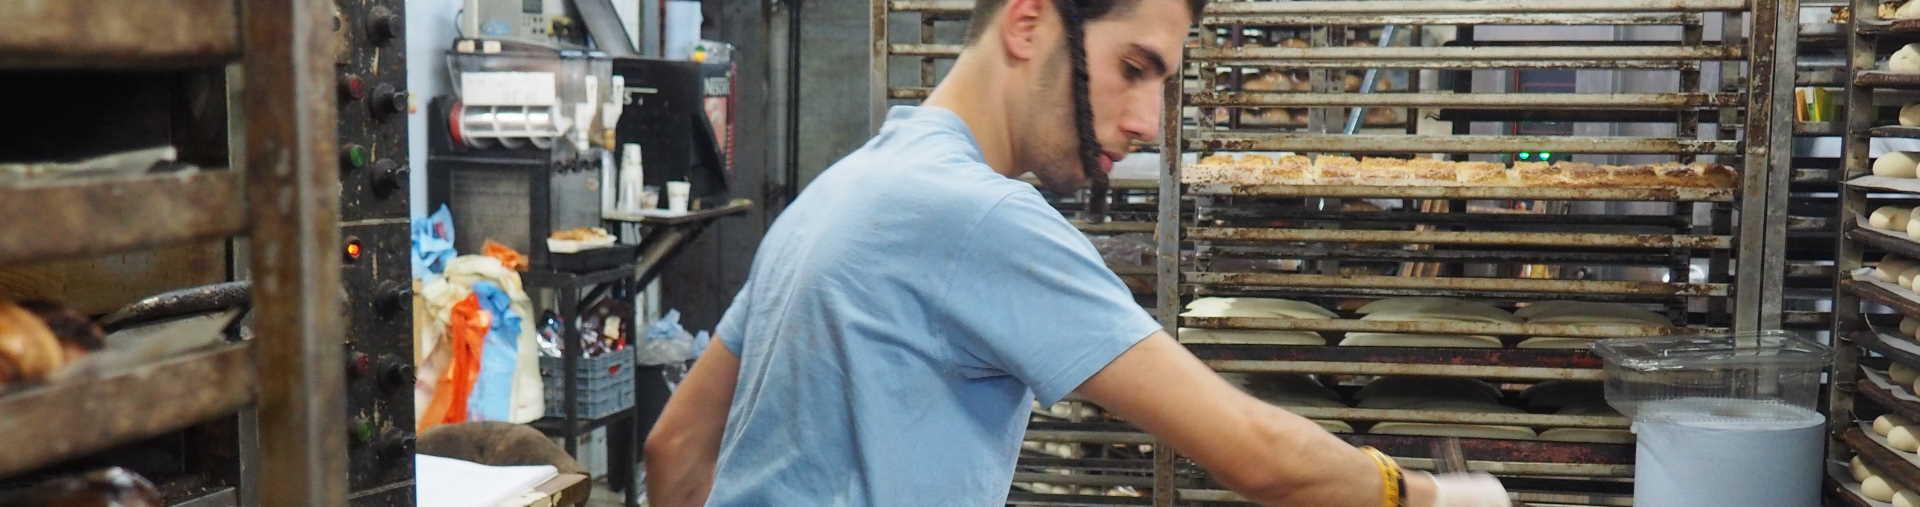 עובד במאפיה חרדית בירושלים - סיור היכרות